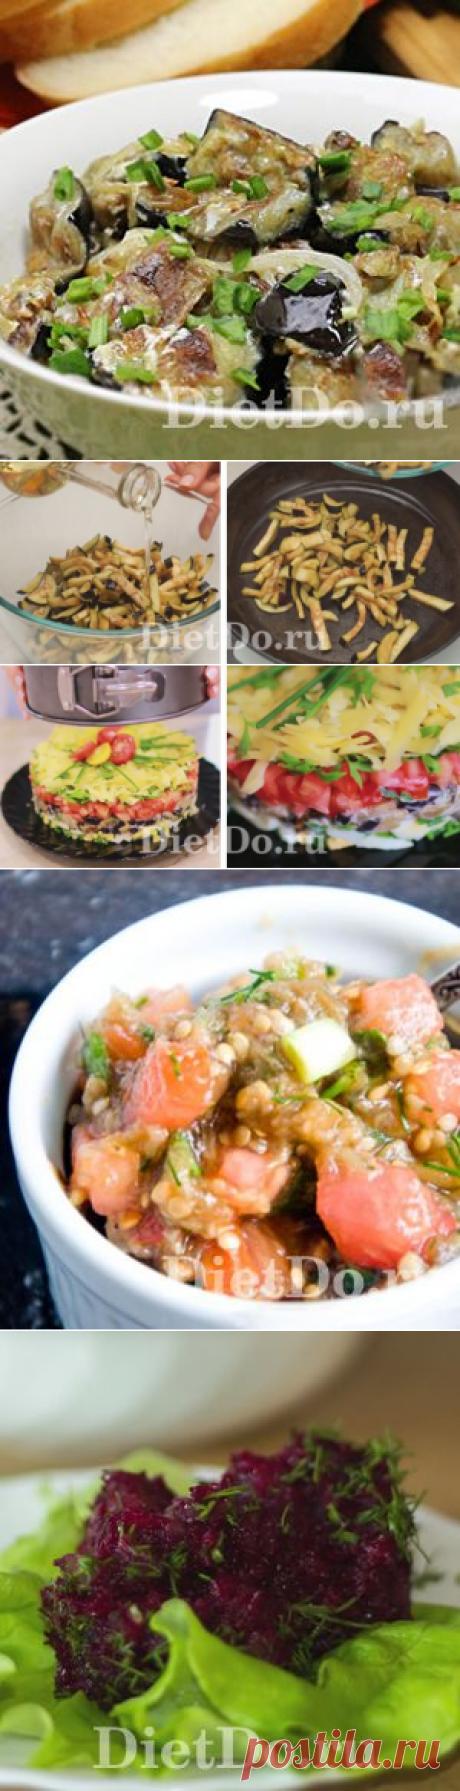 ТОП-11 салатов из баклажанов — вкуснотища на каждый день